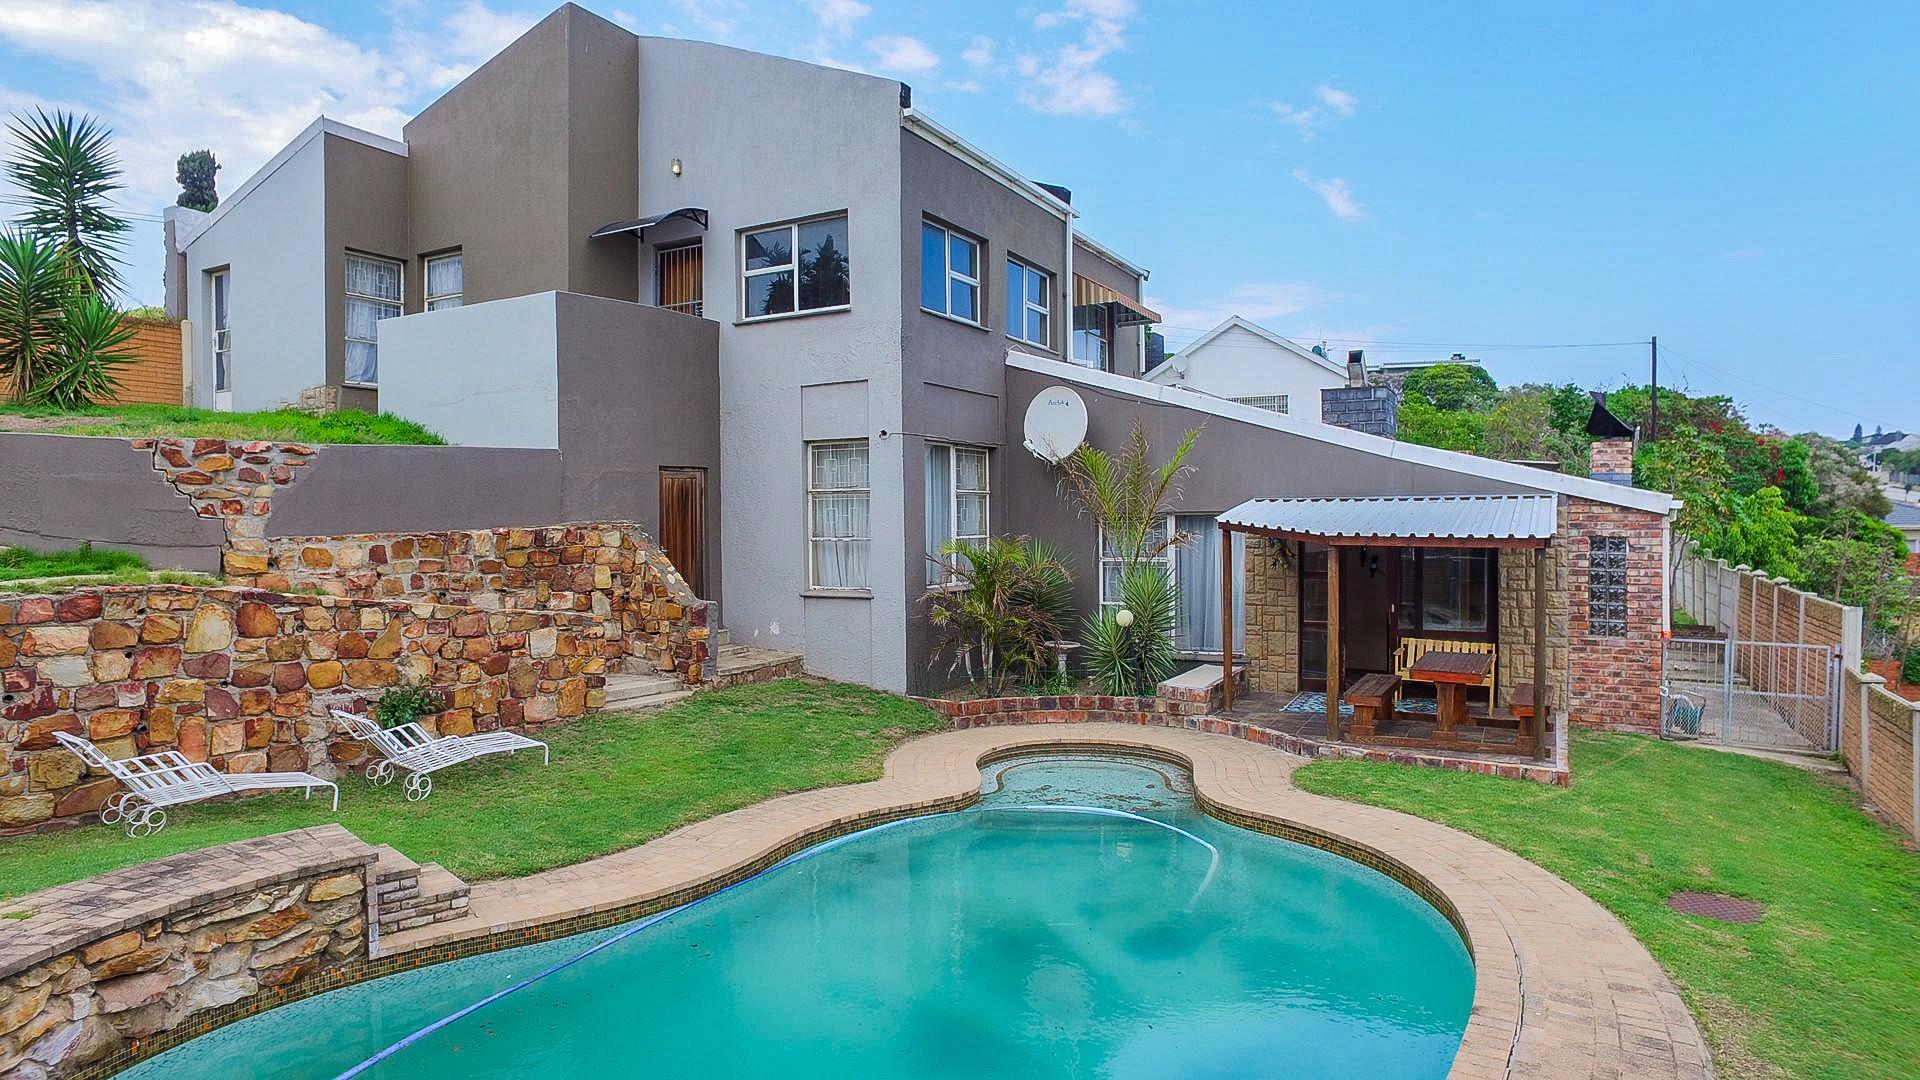 4 BedroomHouse Pending Sale In Mount Croix